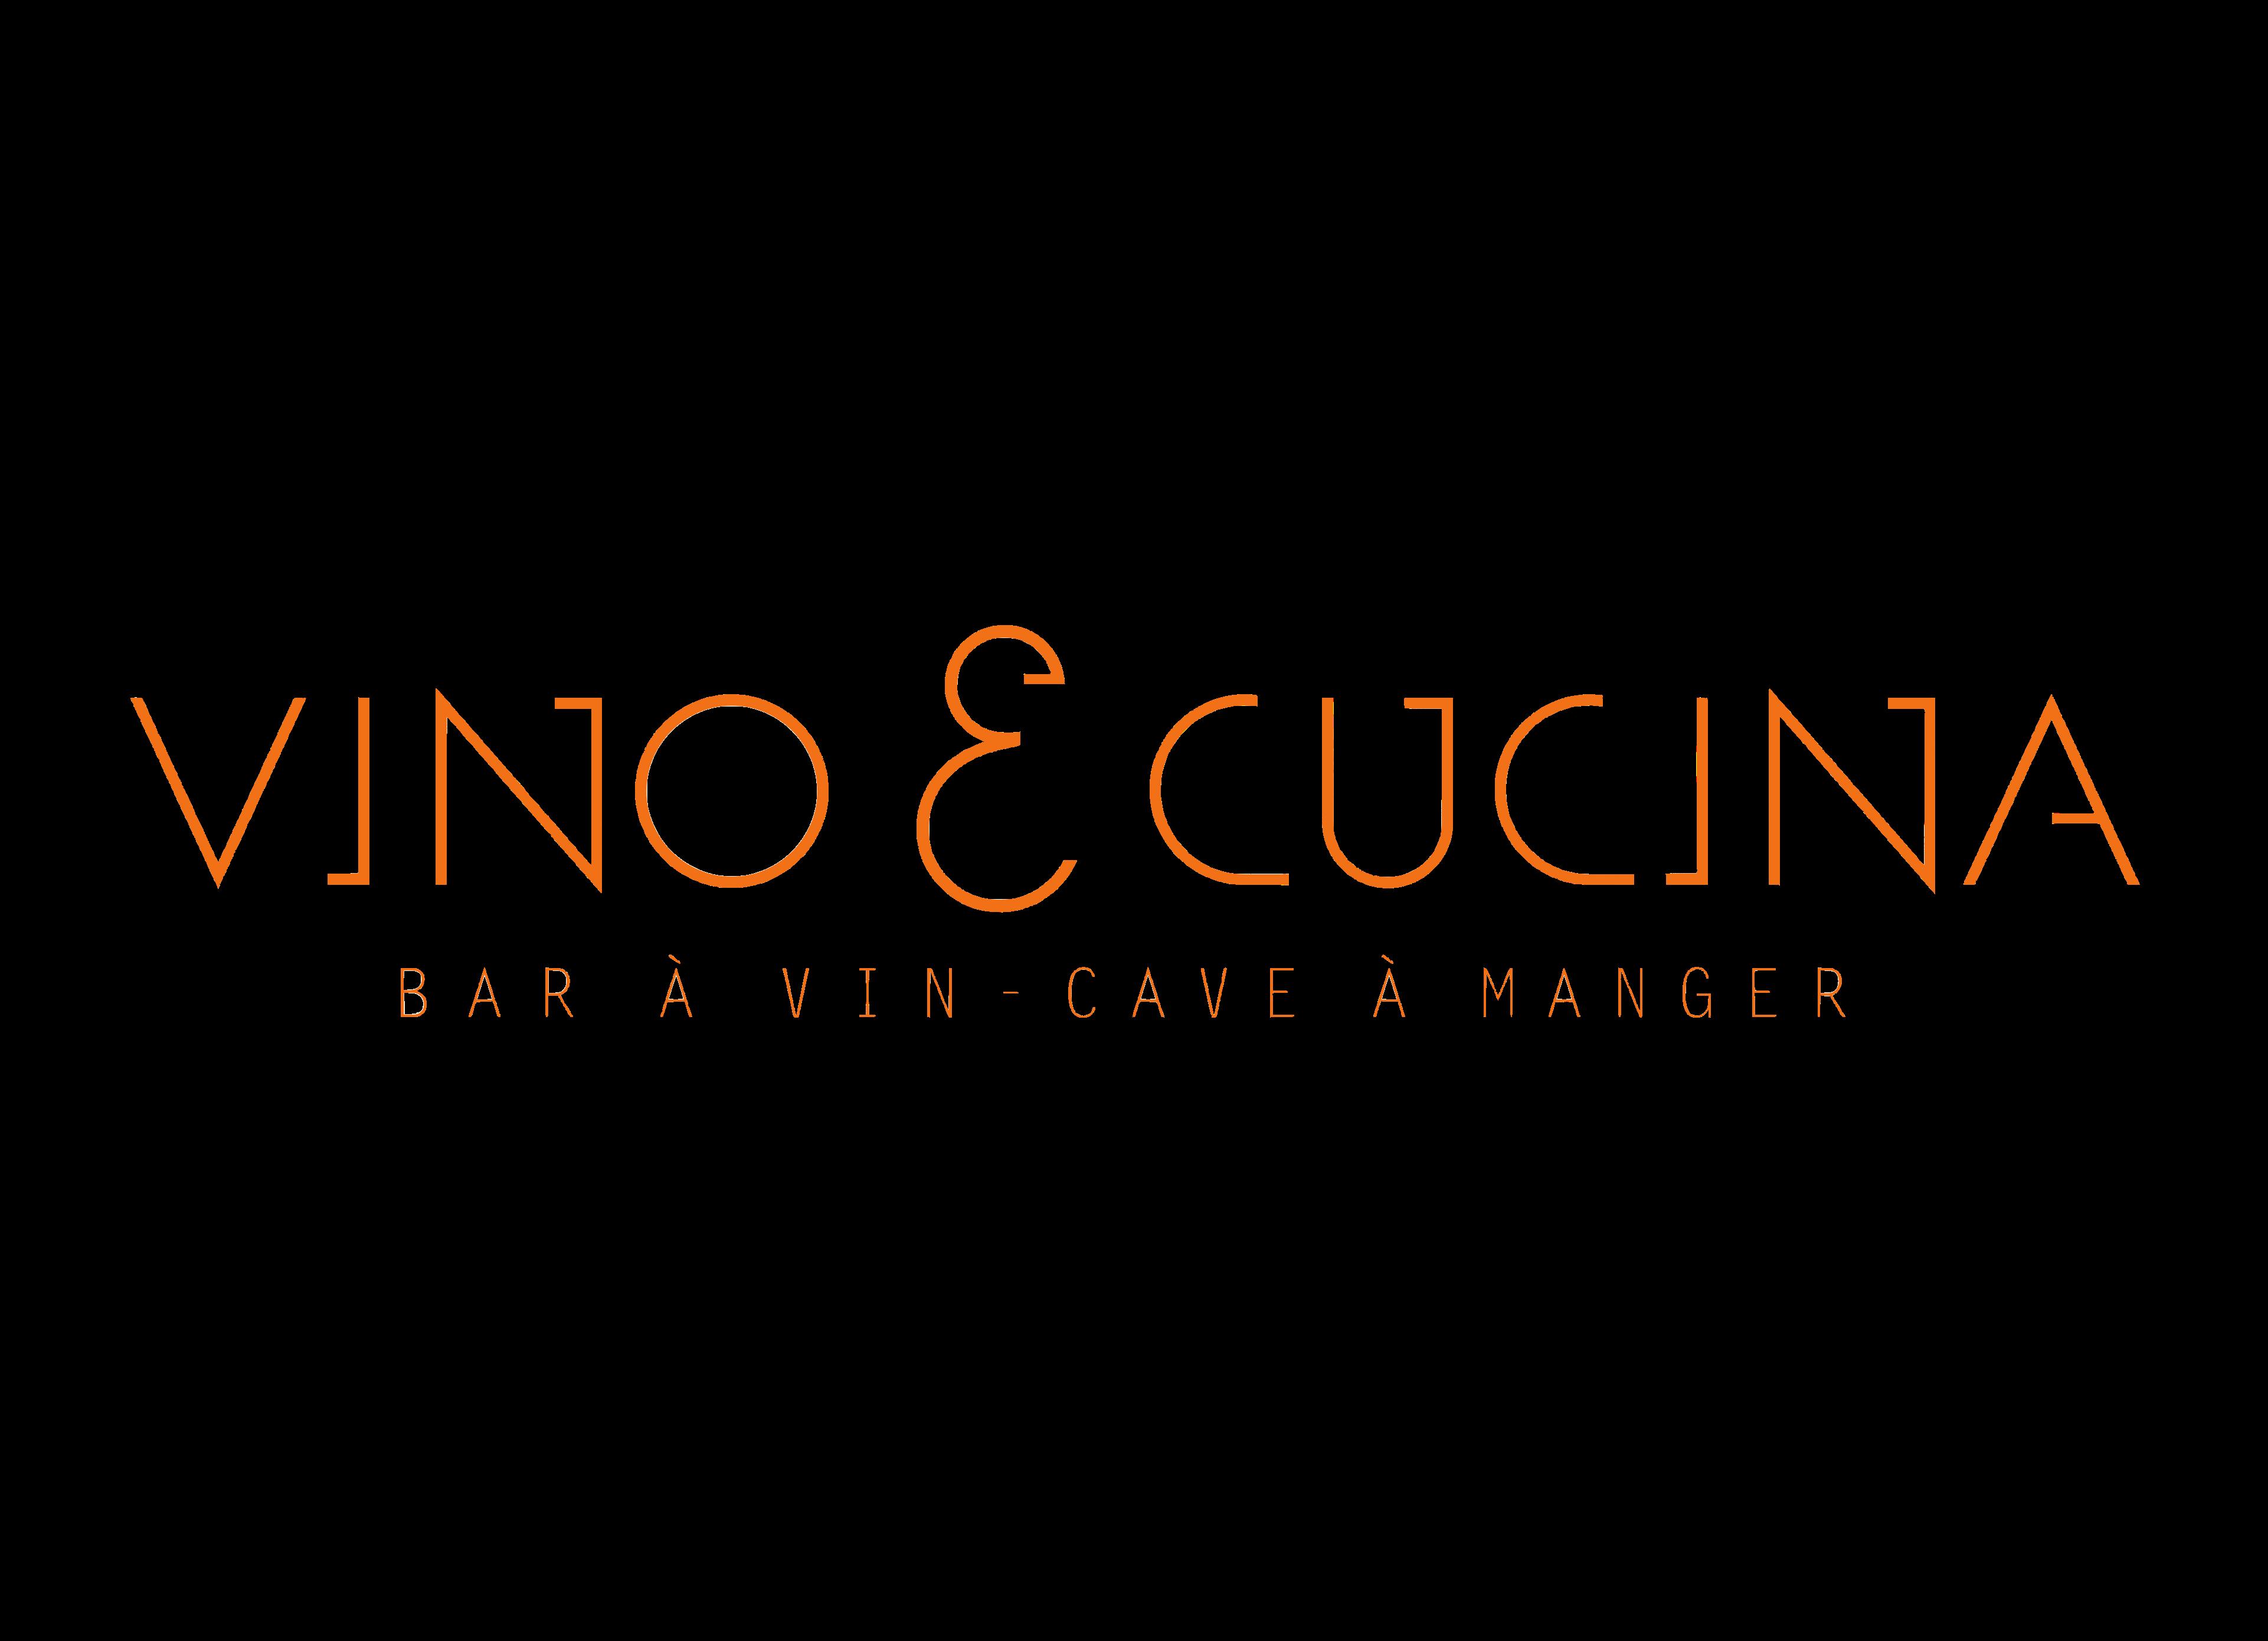 Logo Vino e cucina